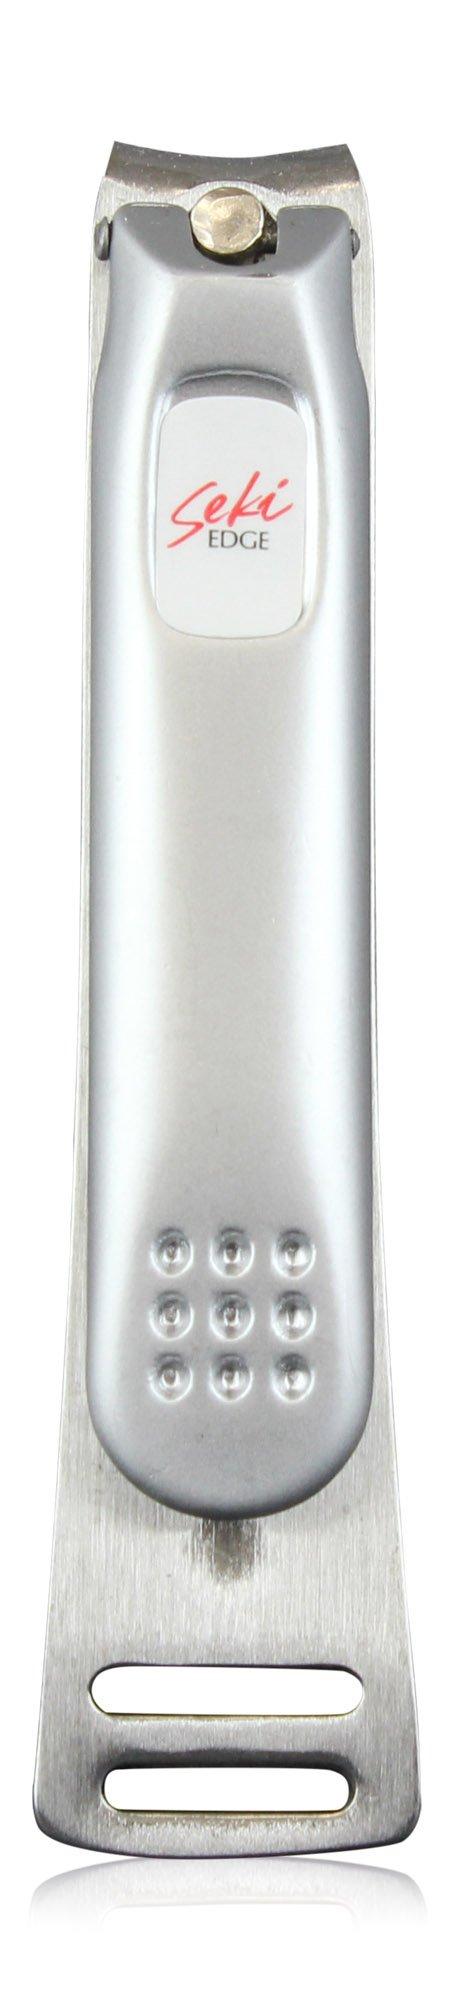 SEKI EDGE SS-107- Stainless Steel Toenail Clipper by Seki EDGE